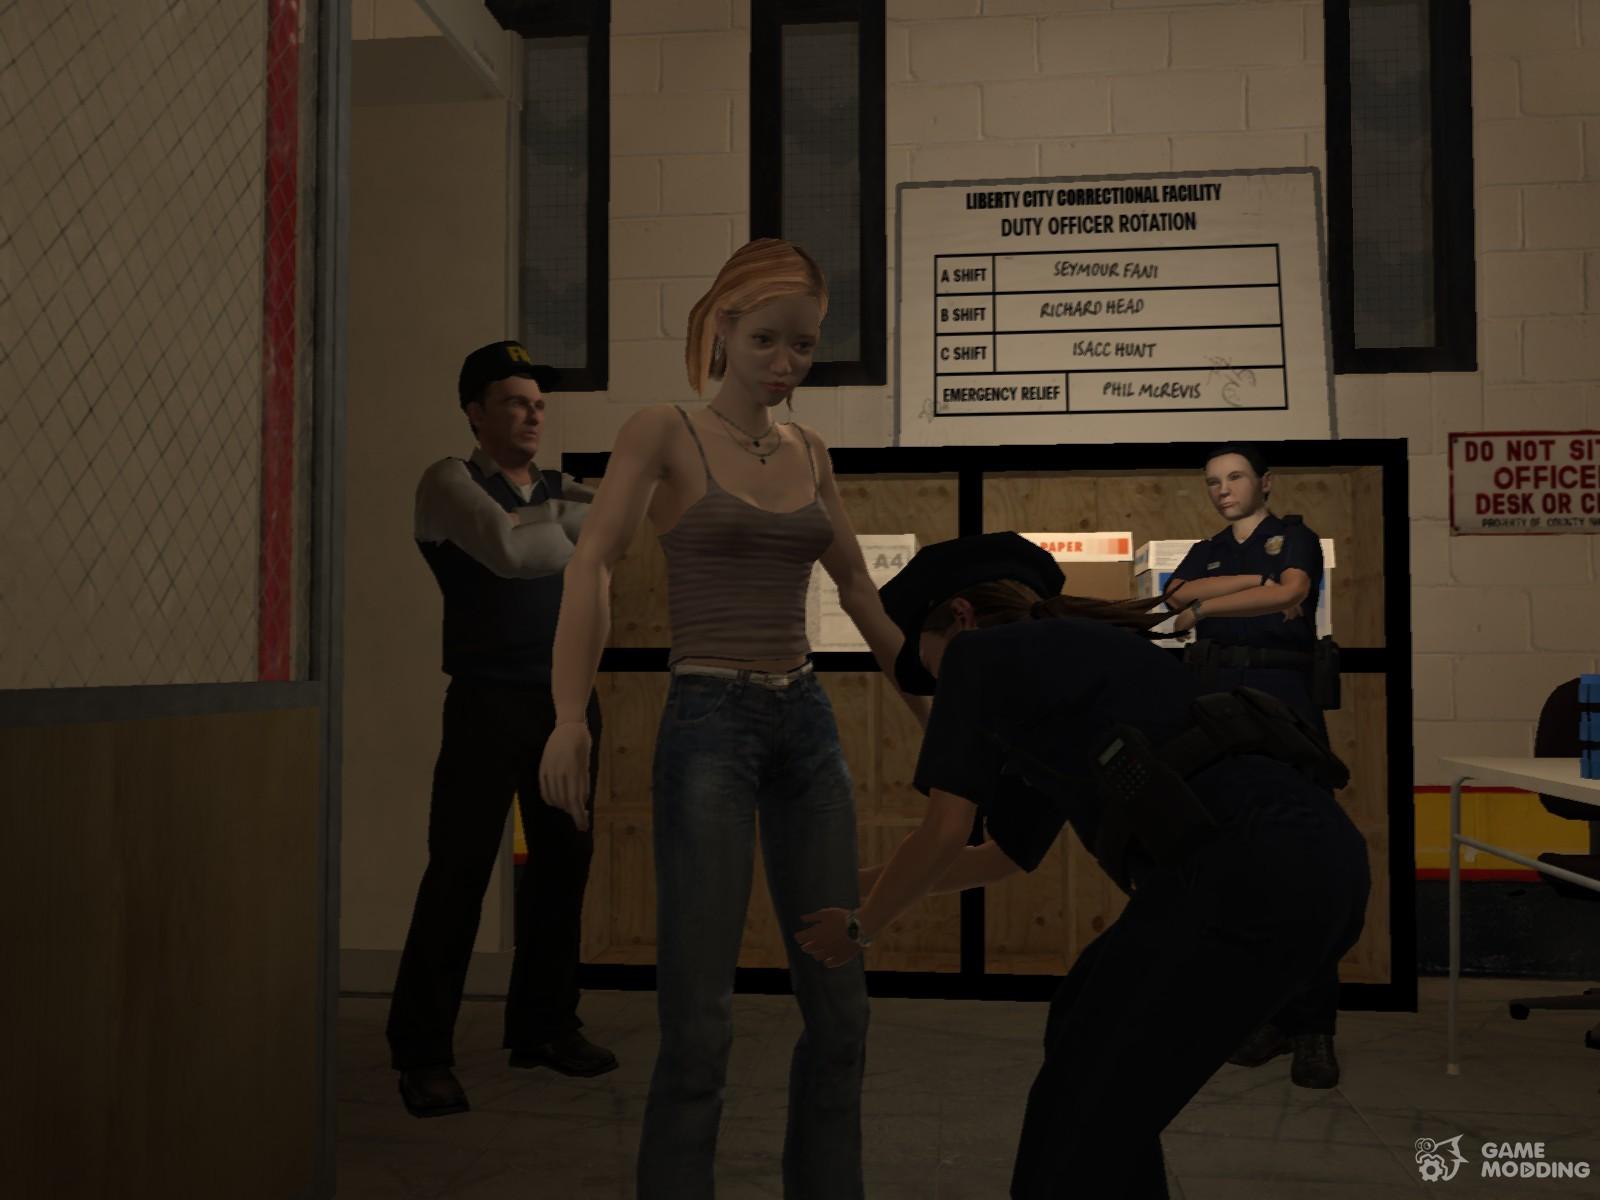 Полицейский мод для гта 4 скачать